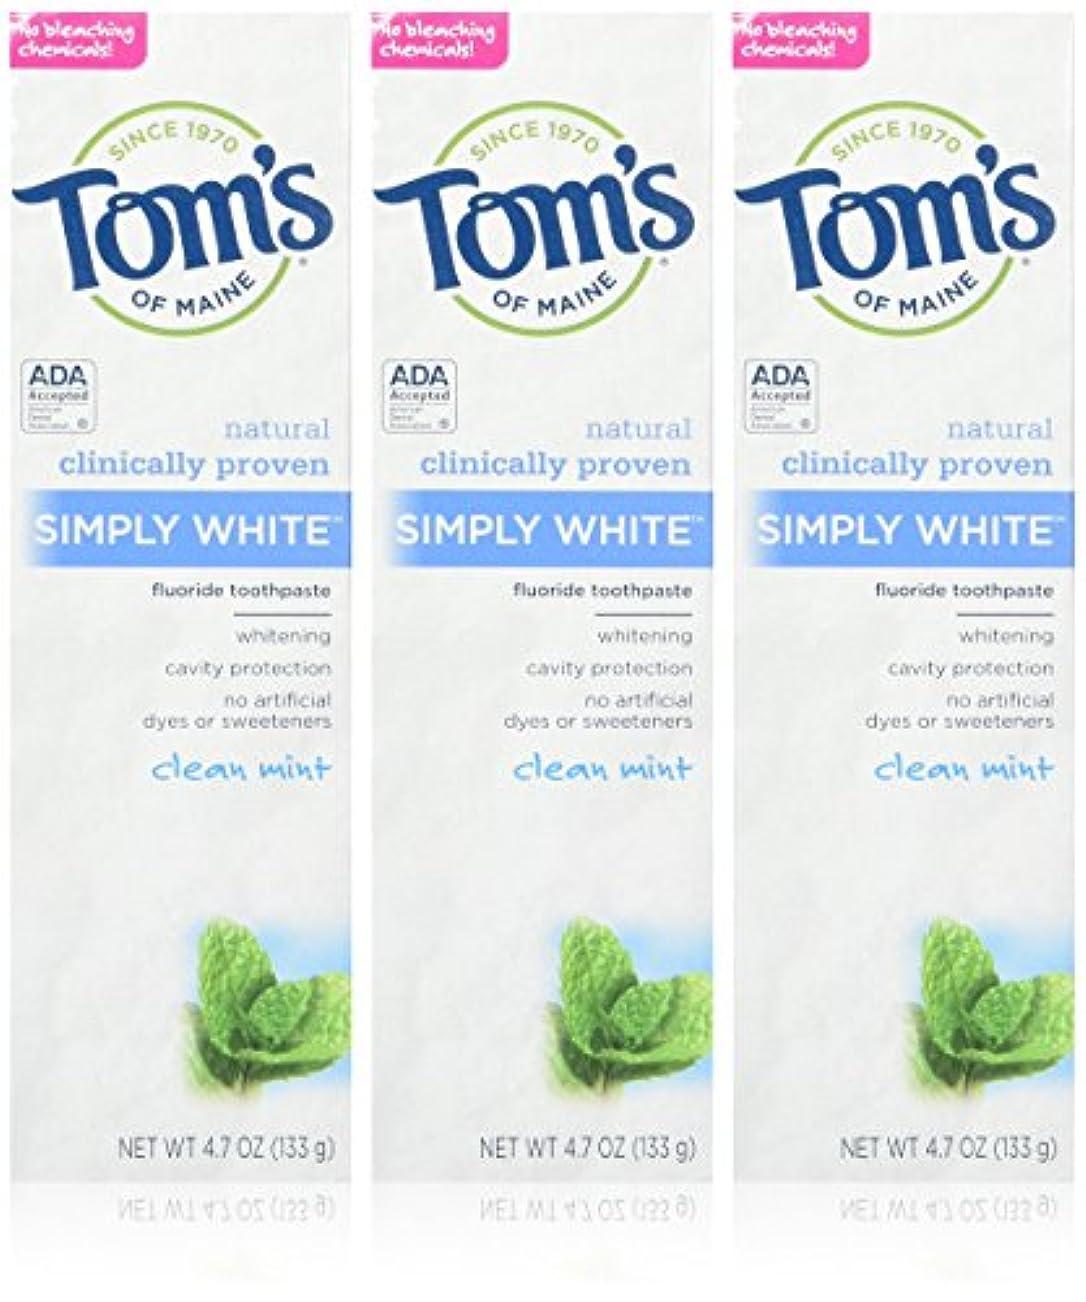 二次ピック救出TOM'S OF MAINE - Simply White Toothpaste Clean Mint - 4.7 oz. (133 g) by Tom's of Maine